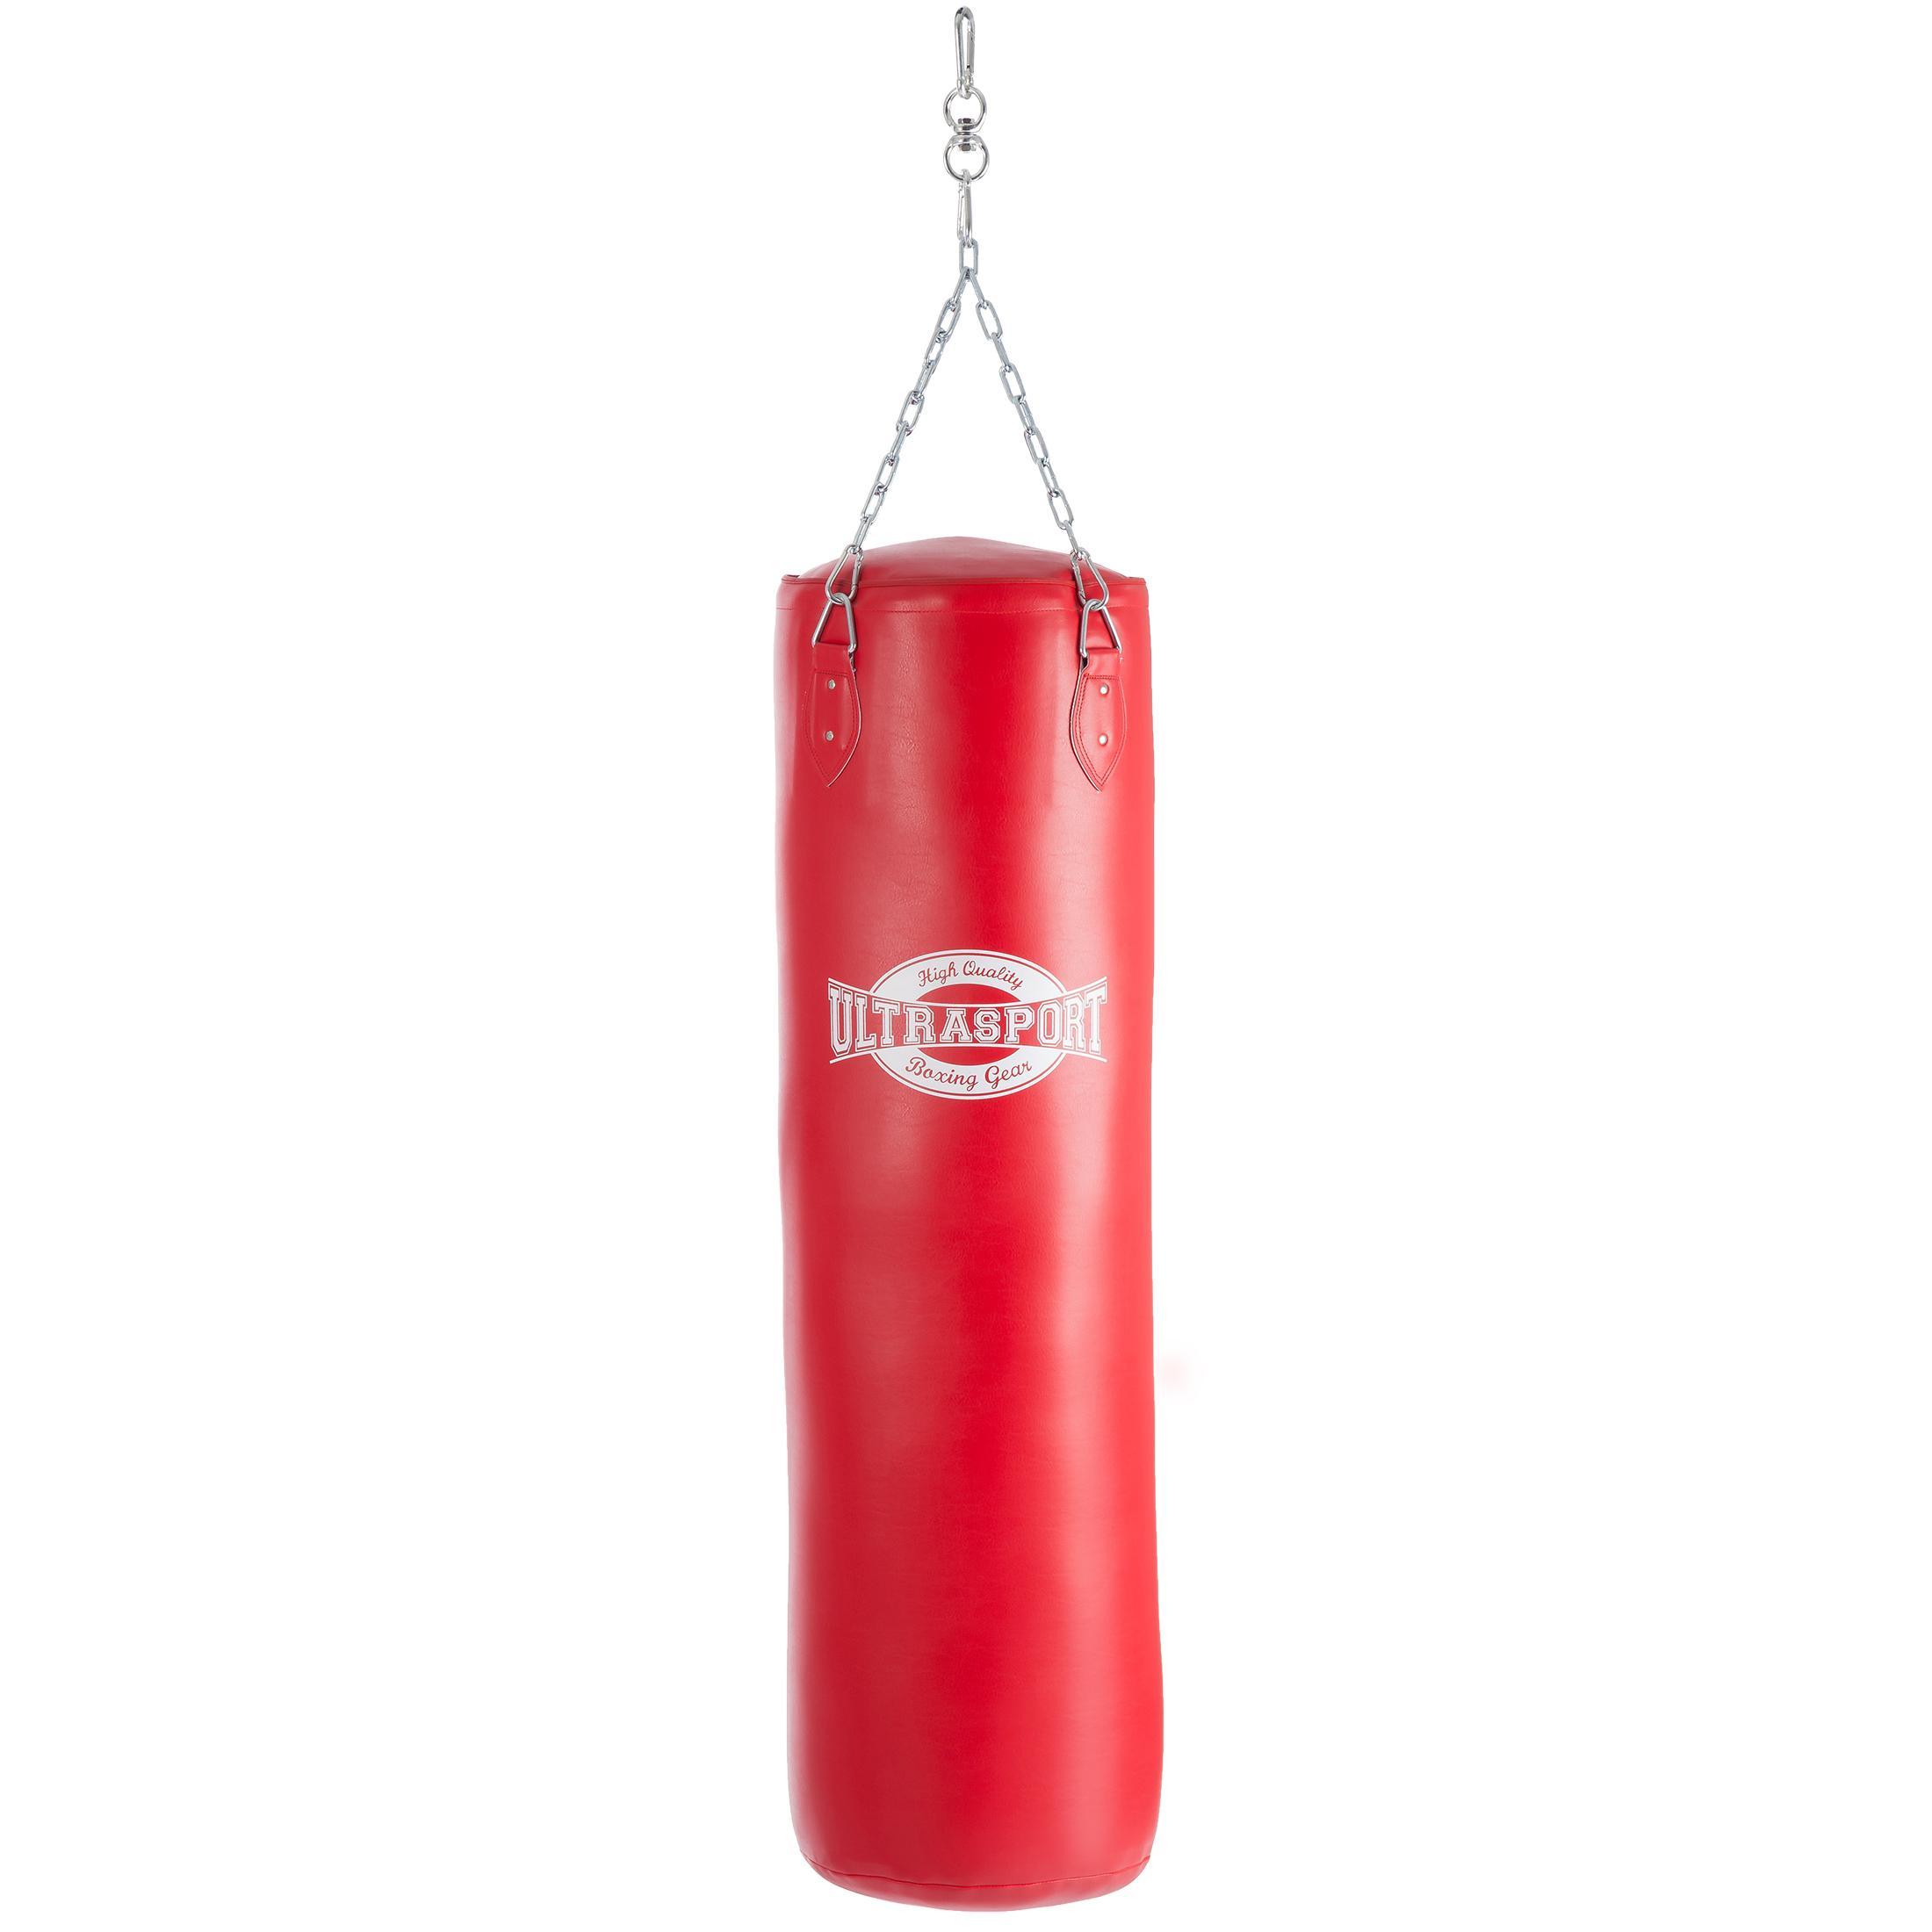 ultrasport equipement de boxe sac de boxe 120 cm simili. Black Bedroom Furniture Sets. Home Design Ideas